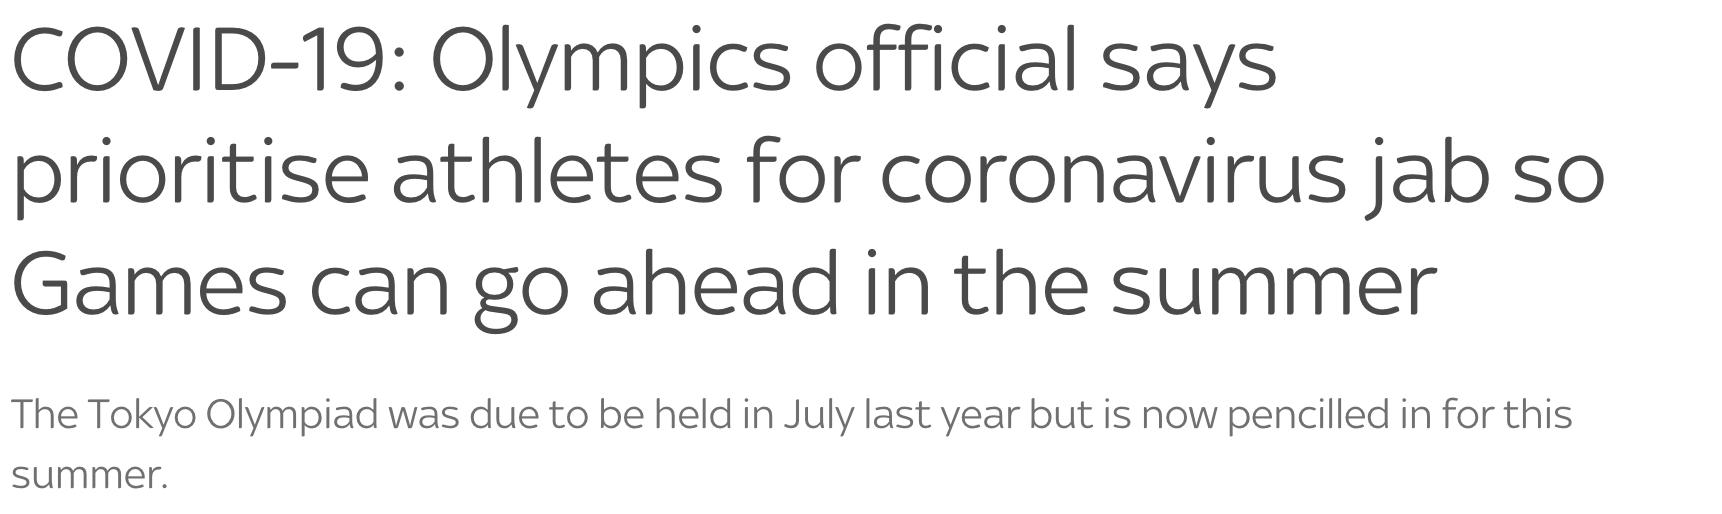 △ 迪克·庞德表示,参会运动员应当优先接种新冠疫苗(图片来自天空新闻网)